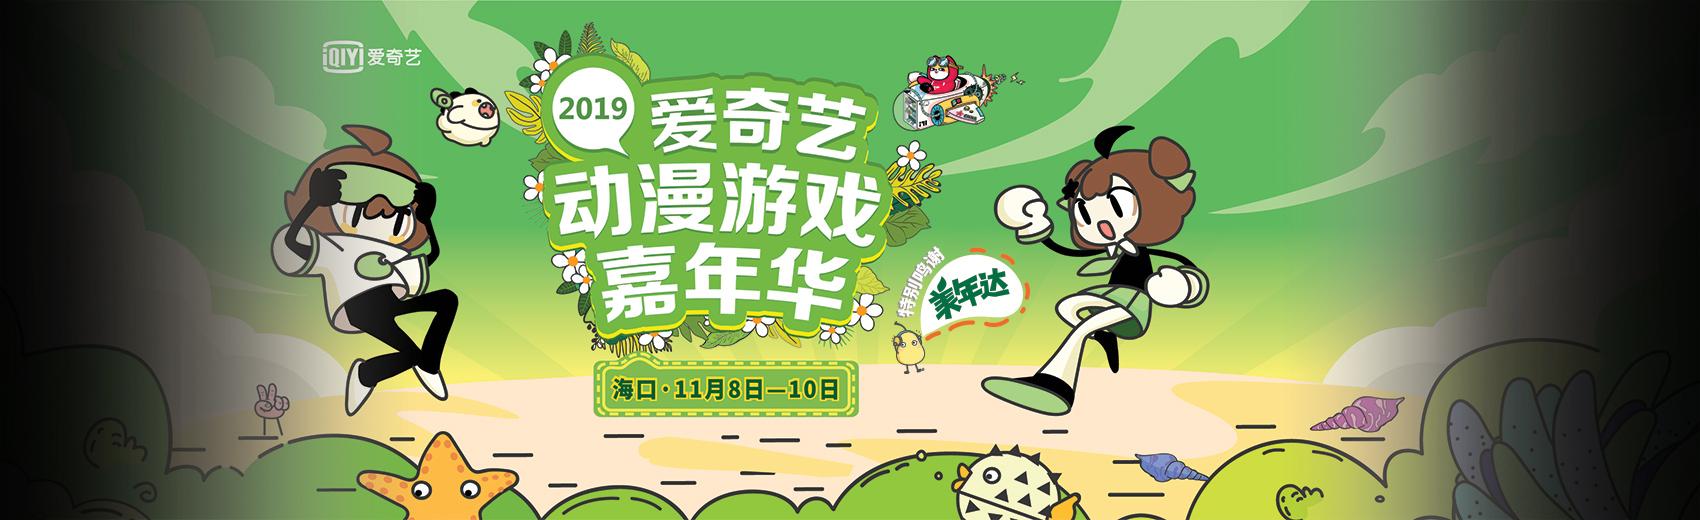 2019愛奇藝動漫游戲嘉年華